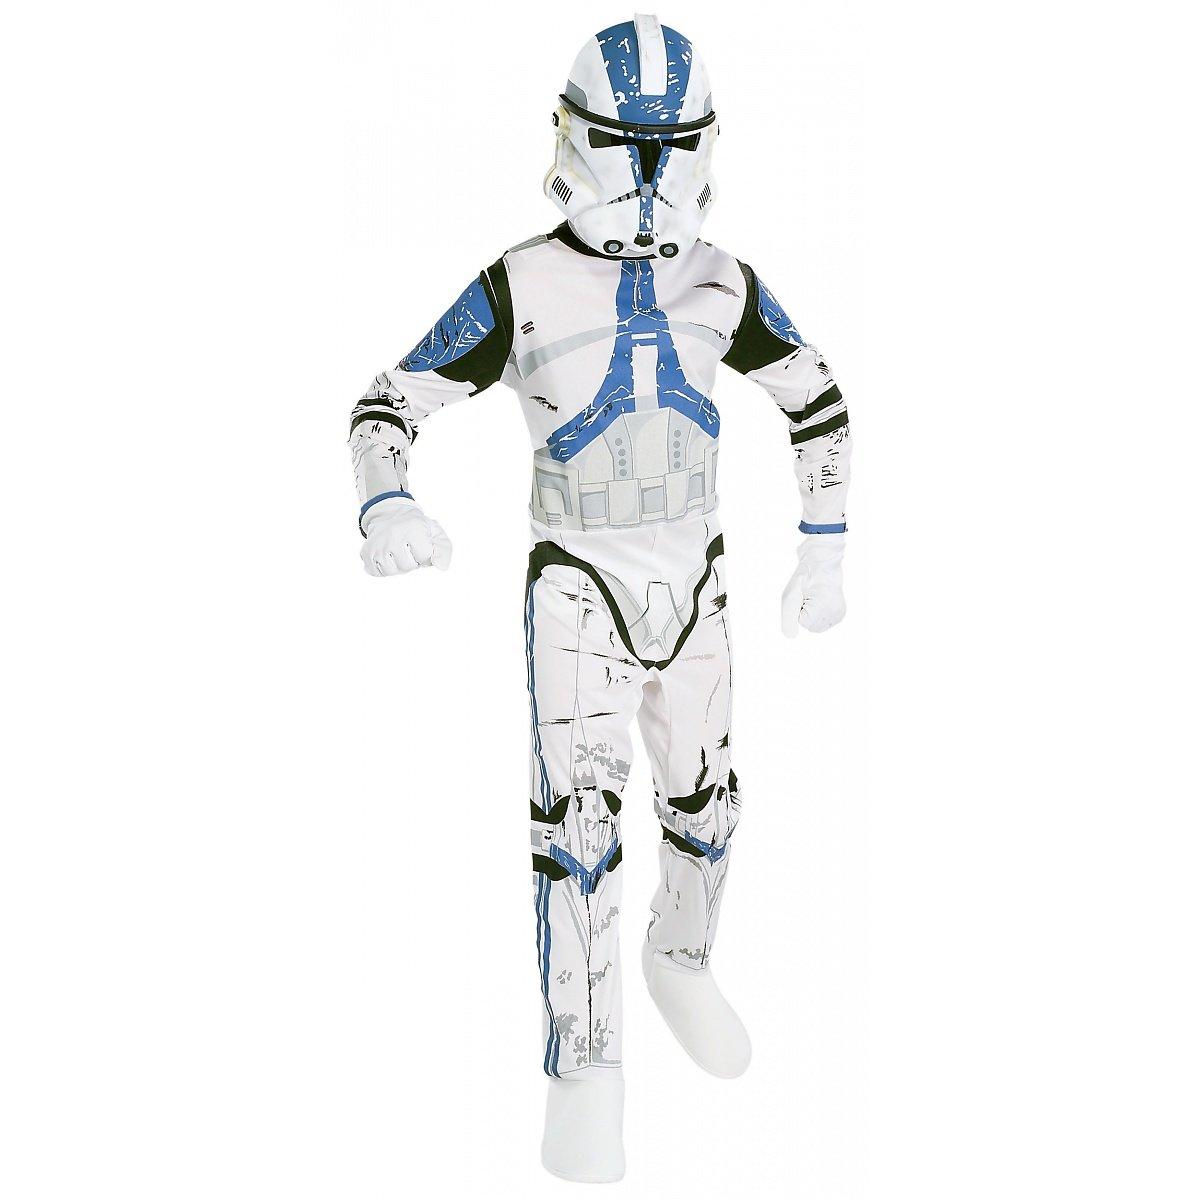 Clone Trooper Herrenkostüm aus Star Wars, Größe:XL